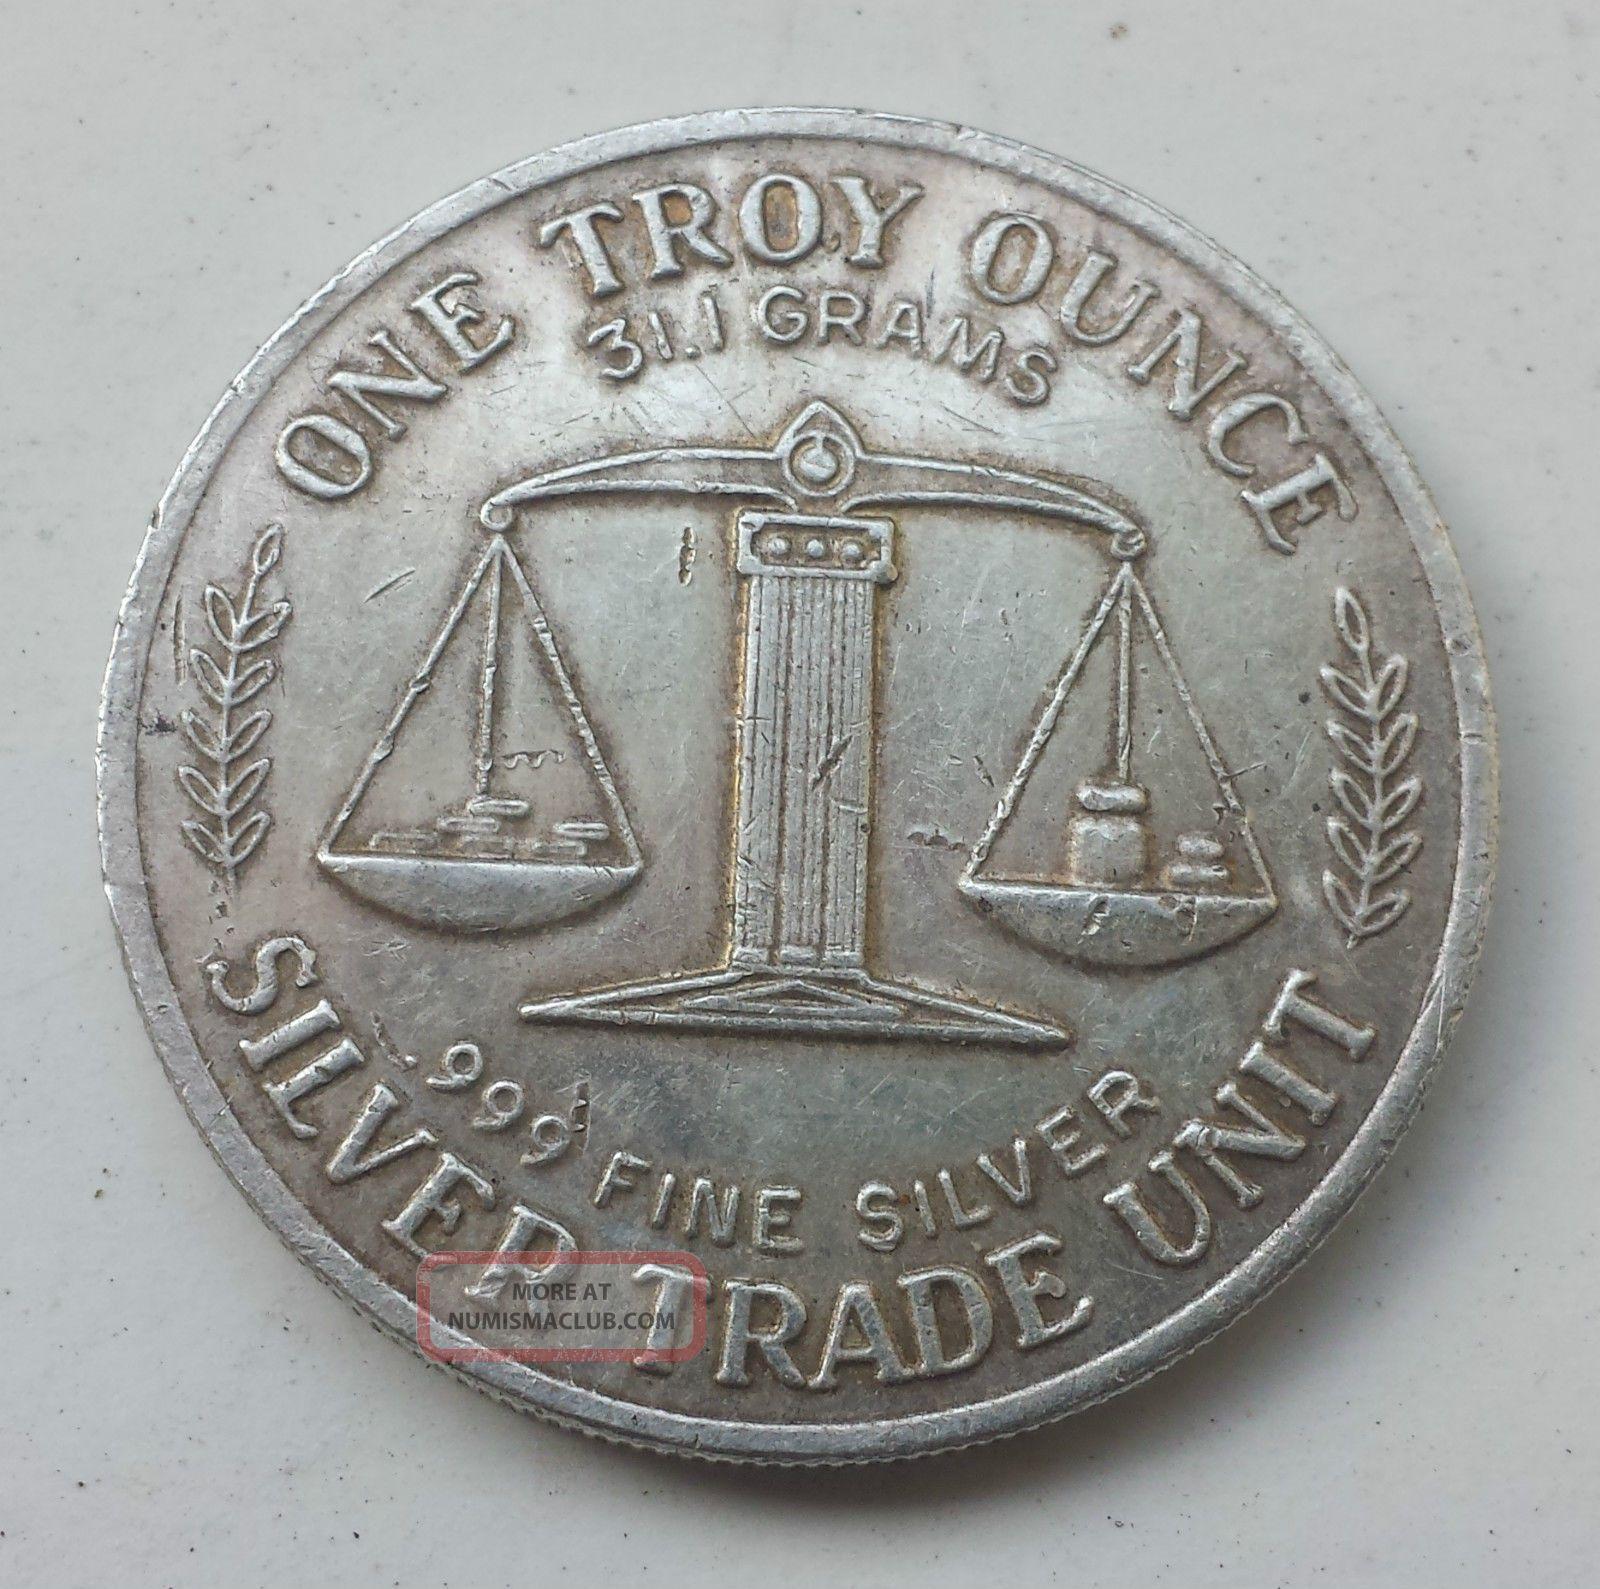 Silver Round Trade Unit 1 Troy Ounce 999 Fine E